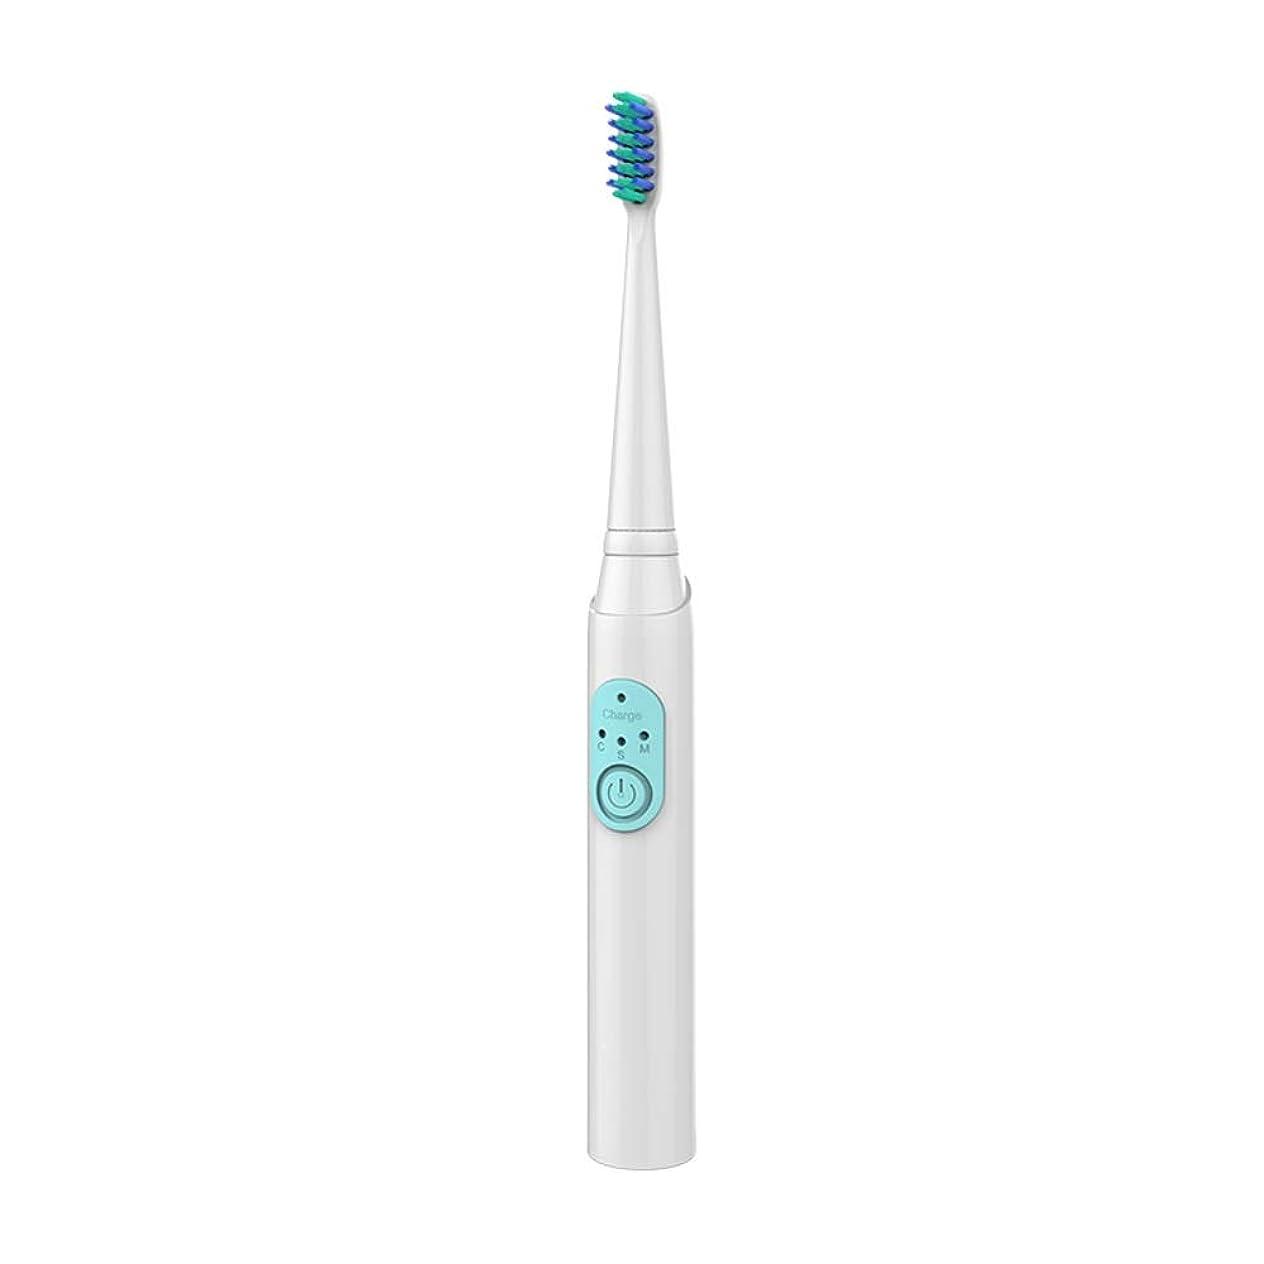 活気づける回復する交流するJia Xing 大人の電動歯ブラシ充電式ソニックホワイトニング歯自動防水電動歯ブラシヘッドソフトブラシ 電動歯ブラシ